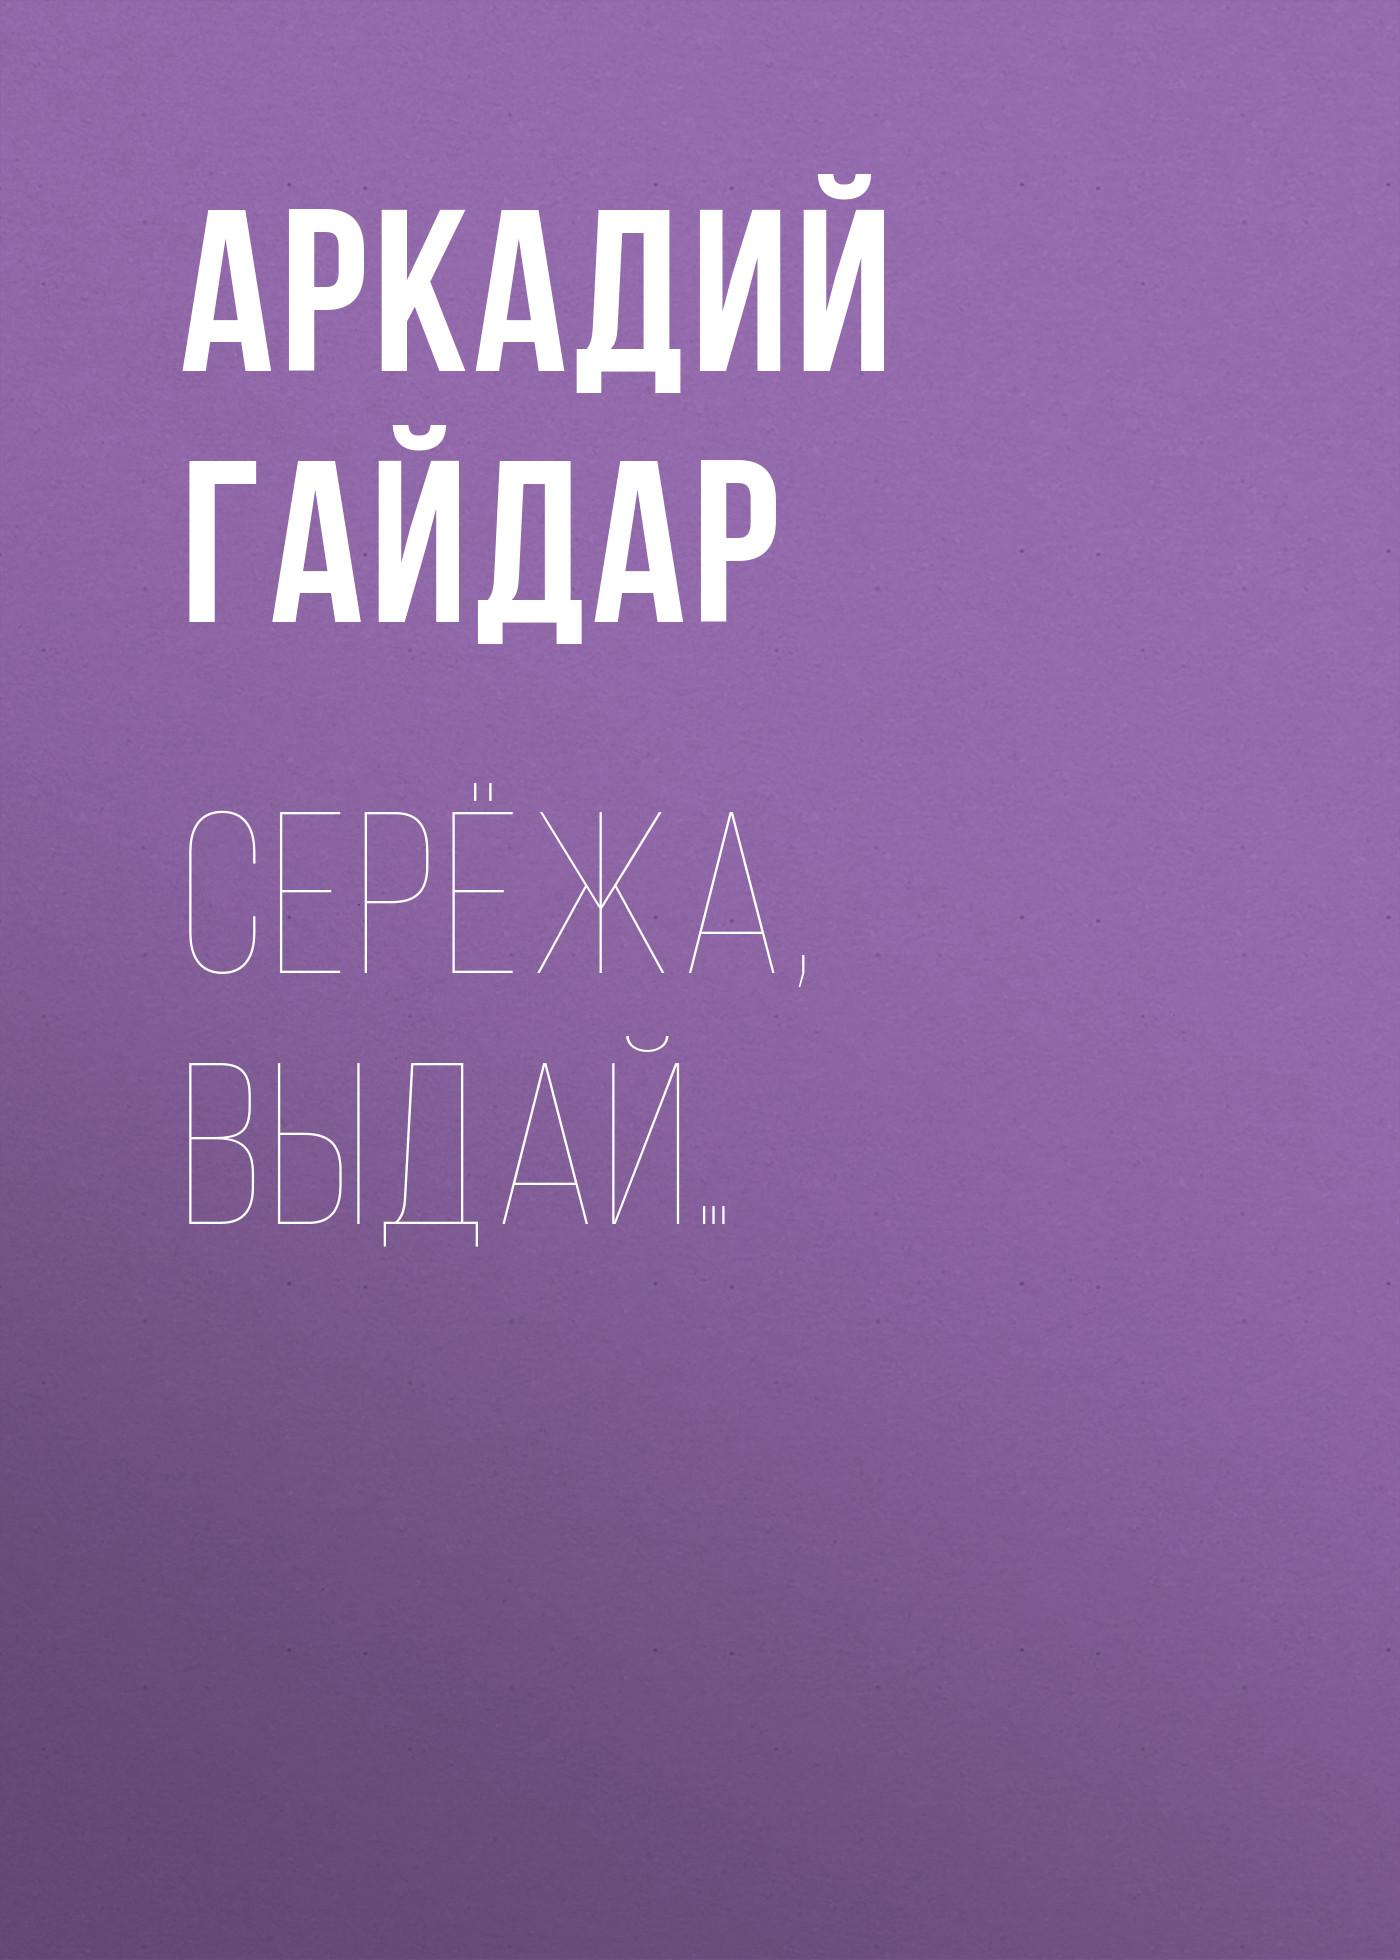 Аркадий Гайдар Серёжа, выдай… аркадий гайдар серёжа выдай…